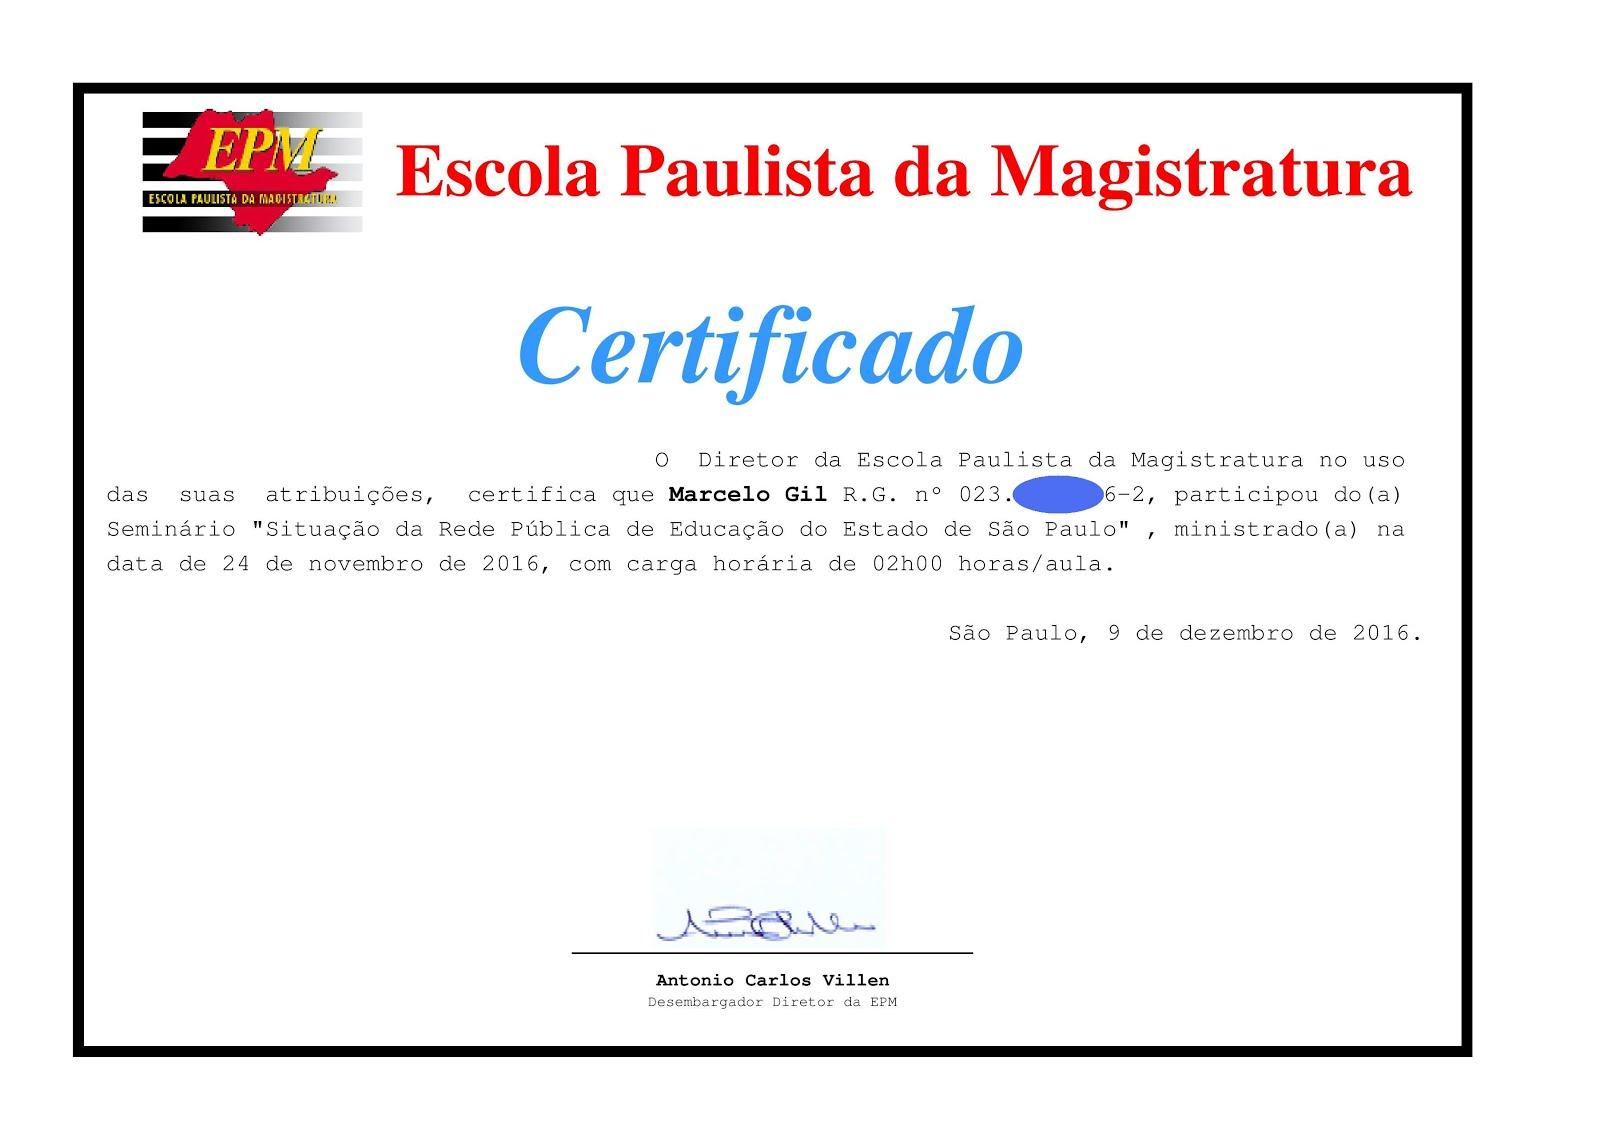 CERTIFICADO DO CONSELHO NACIONAL DE JUSTIÇA CONCEDIDO À MARCELO GIL - 2016